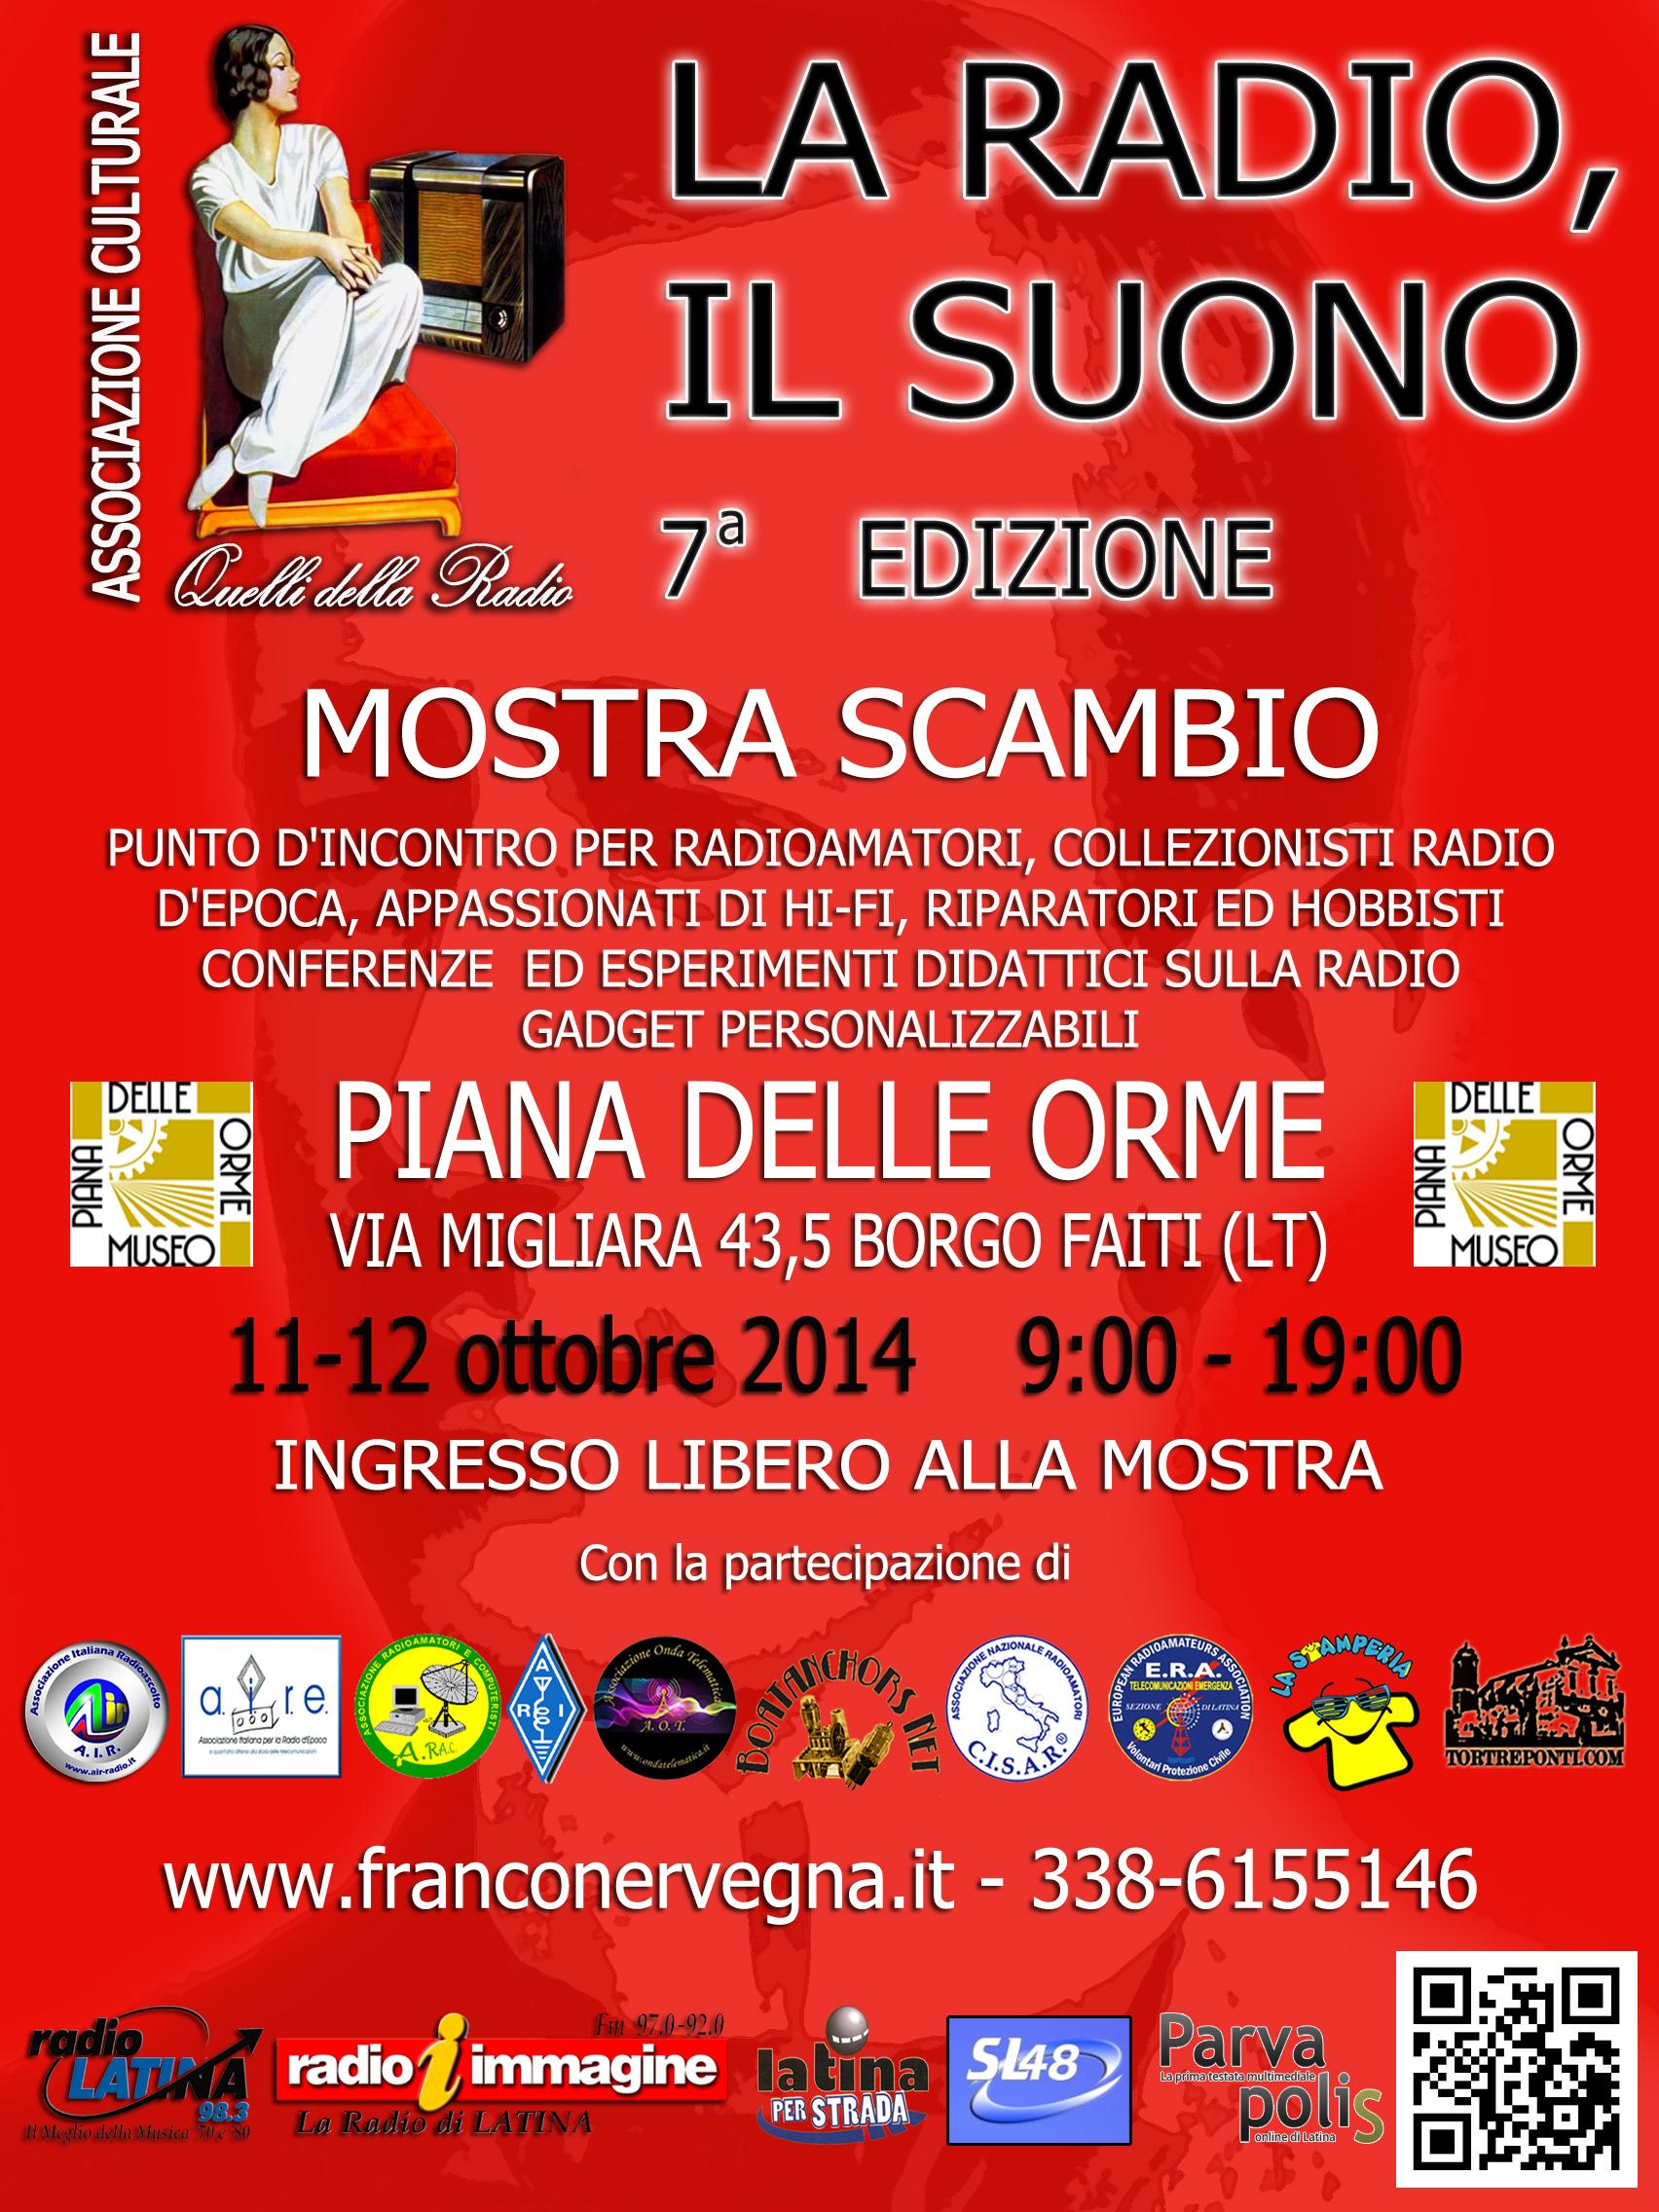 LA RADIO IL SUONO ottobre 2014 21 08 2014 copia